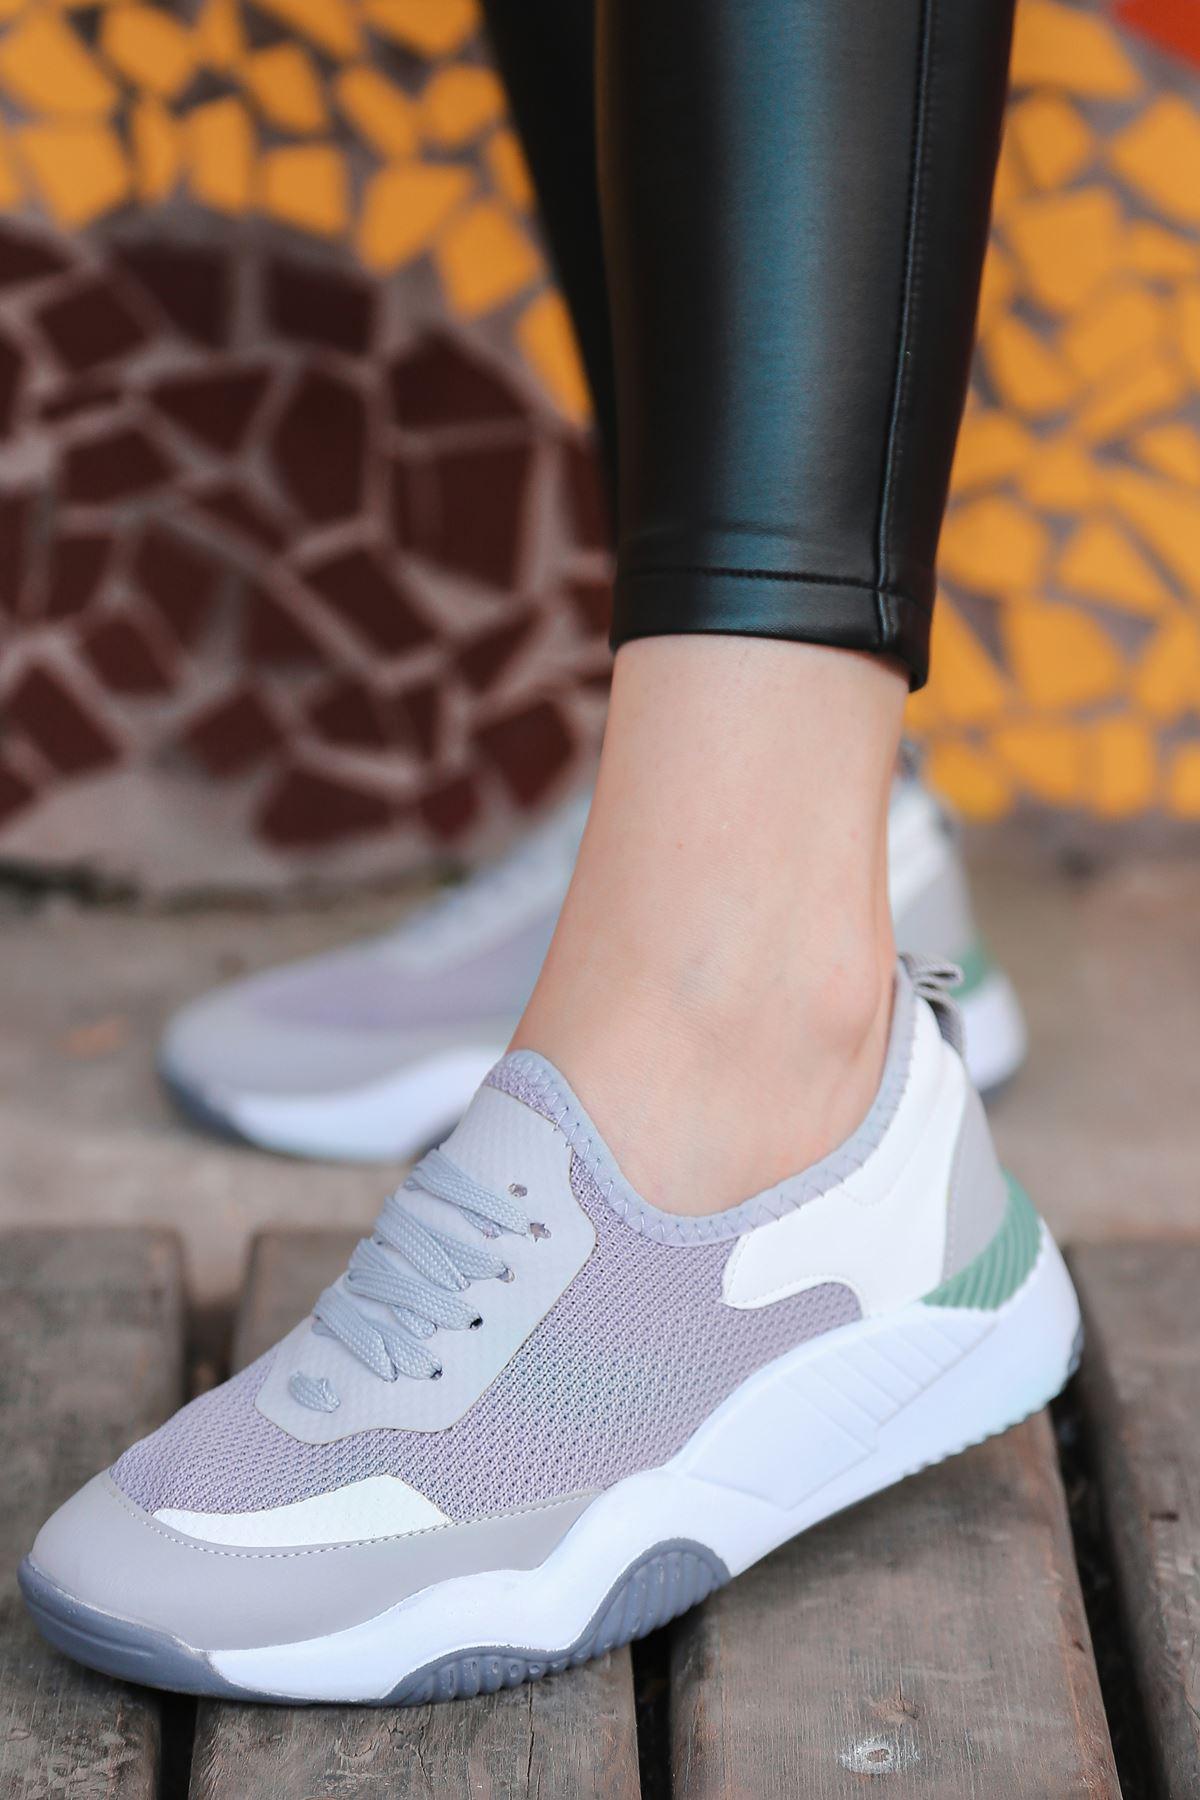 Rovina Beyaz Parçalı Bağcık Detaylı Gri Kadın Spor Ayakkabı